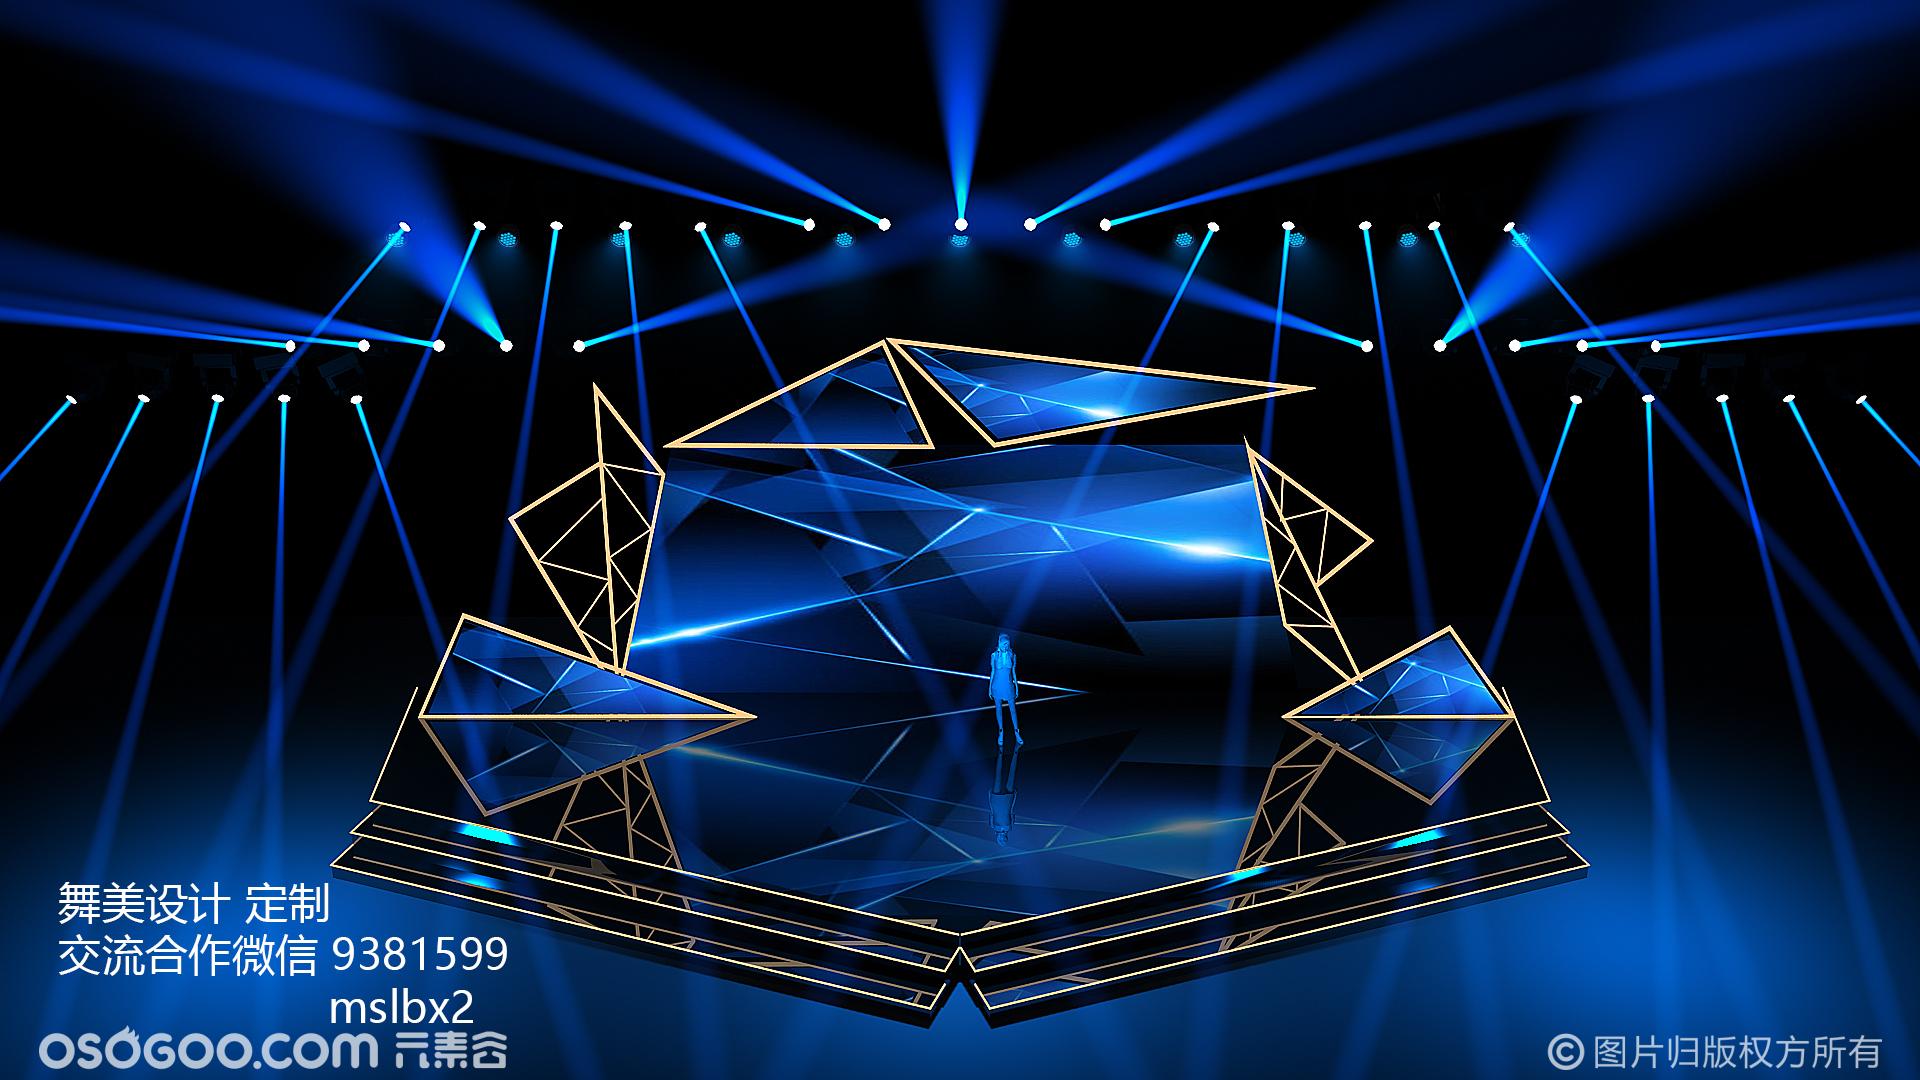 2020新品发布会舞美效果图设计定制案例